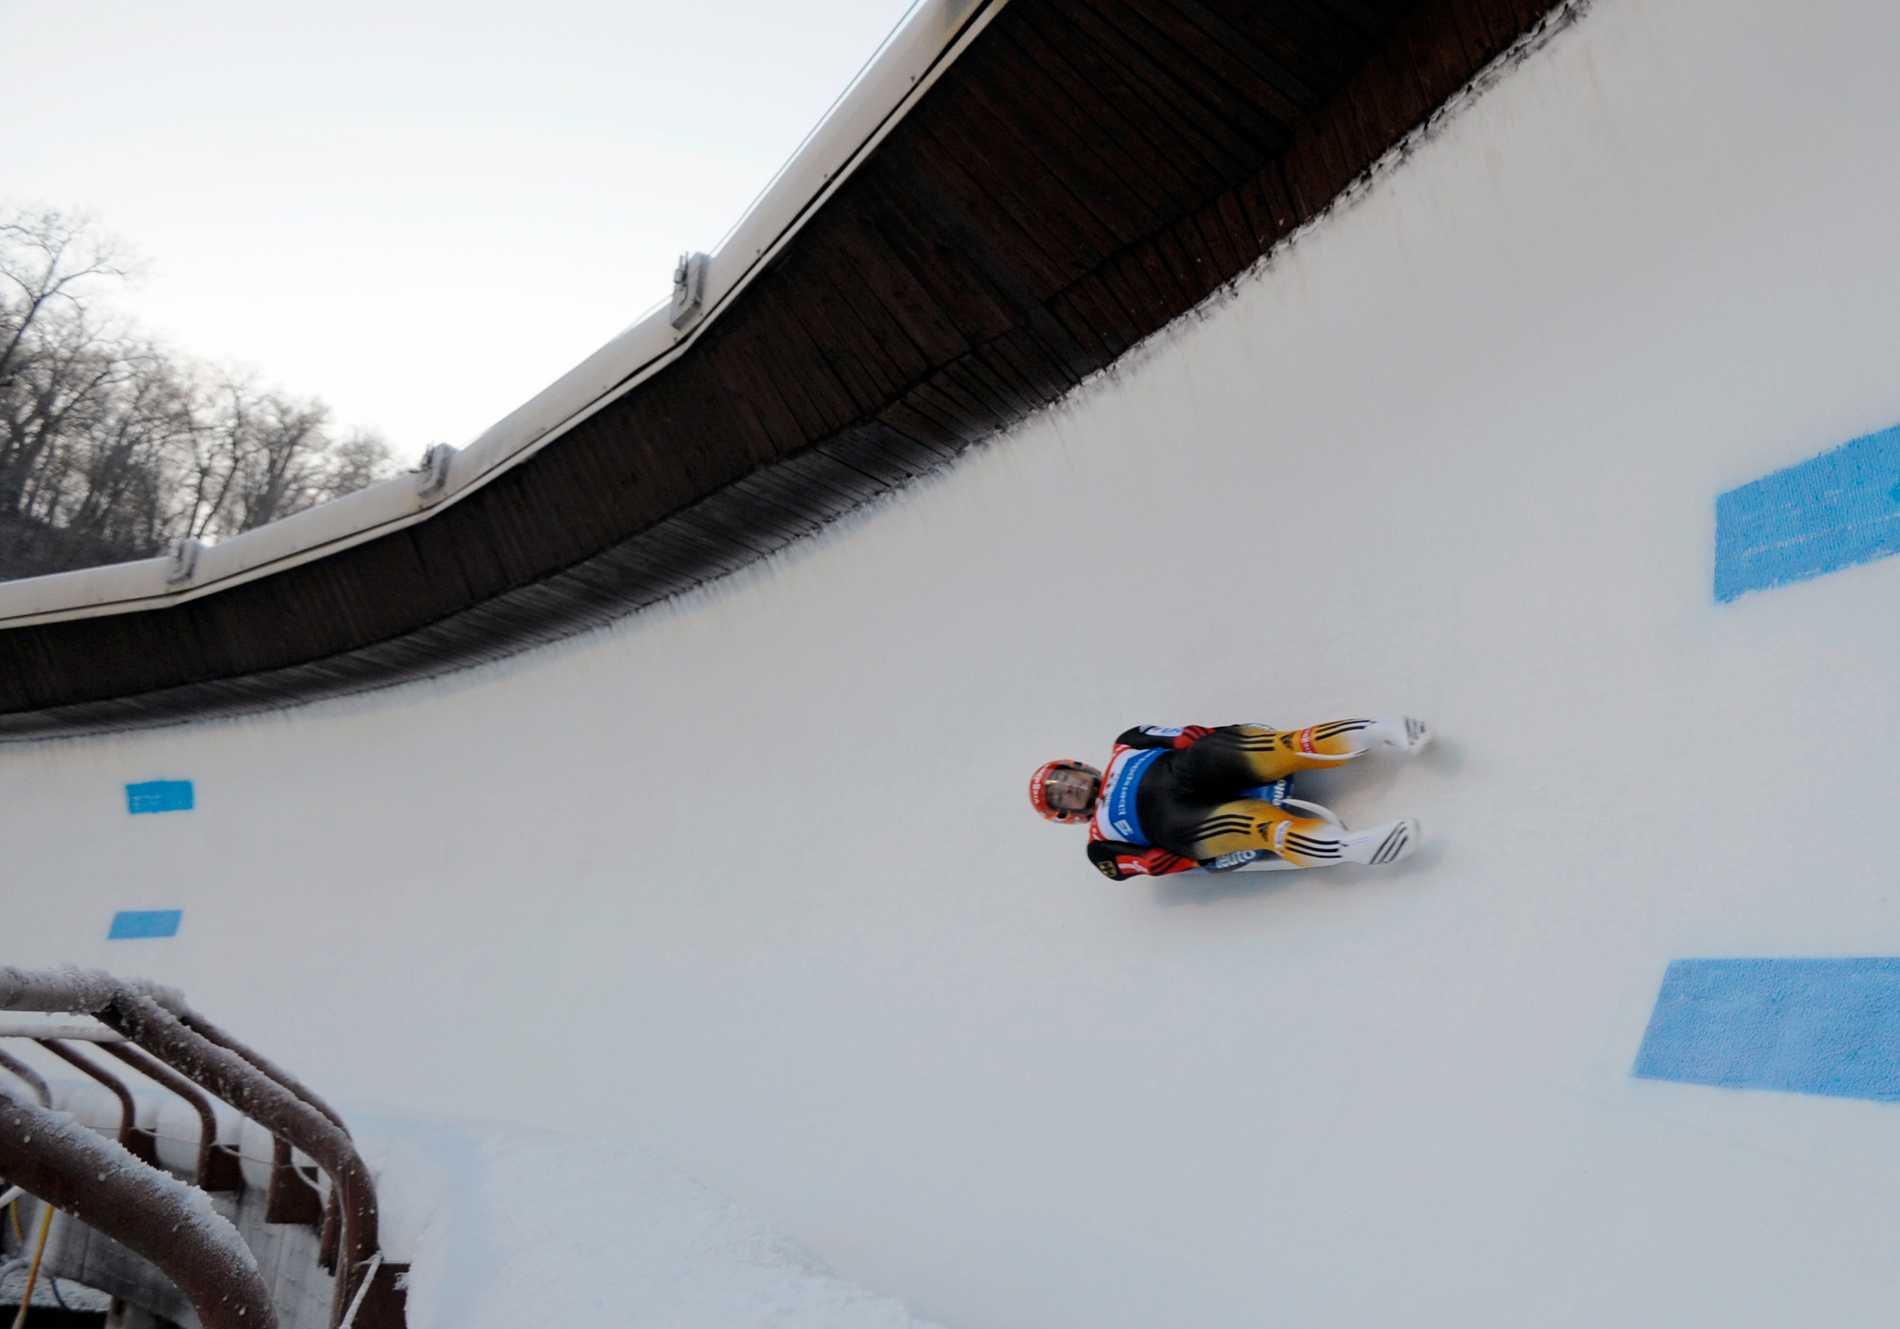 Rodelbanan i Sigulda i Lettland, som skulle kunna användas för ett OS – i Stockholm. Arkivbild.